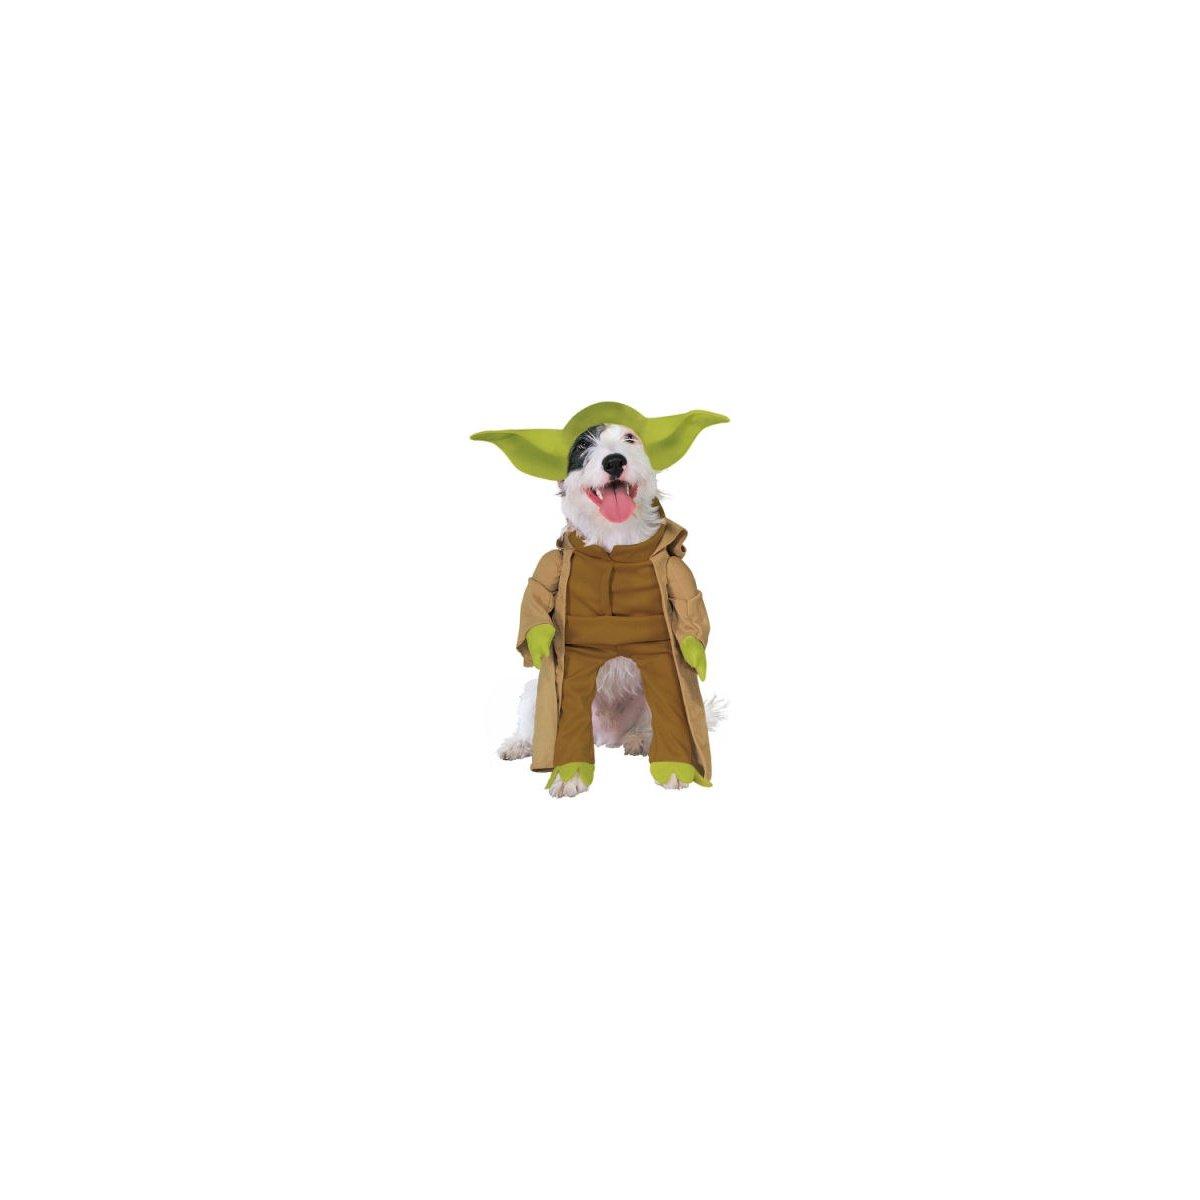 Yoda-Kostüm, Größe von M, von Größe Rubie 's cf5c2c